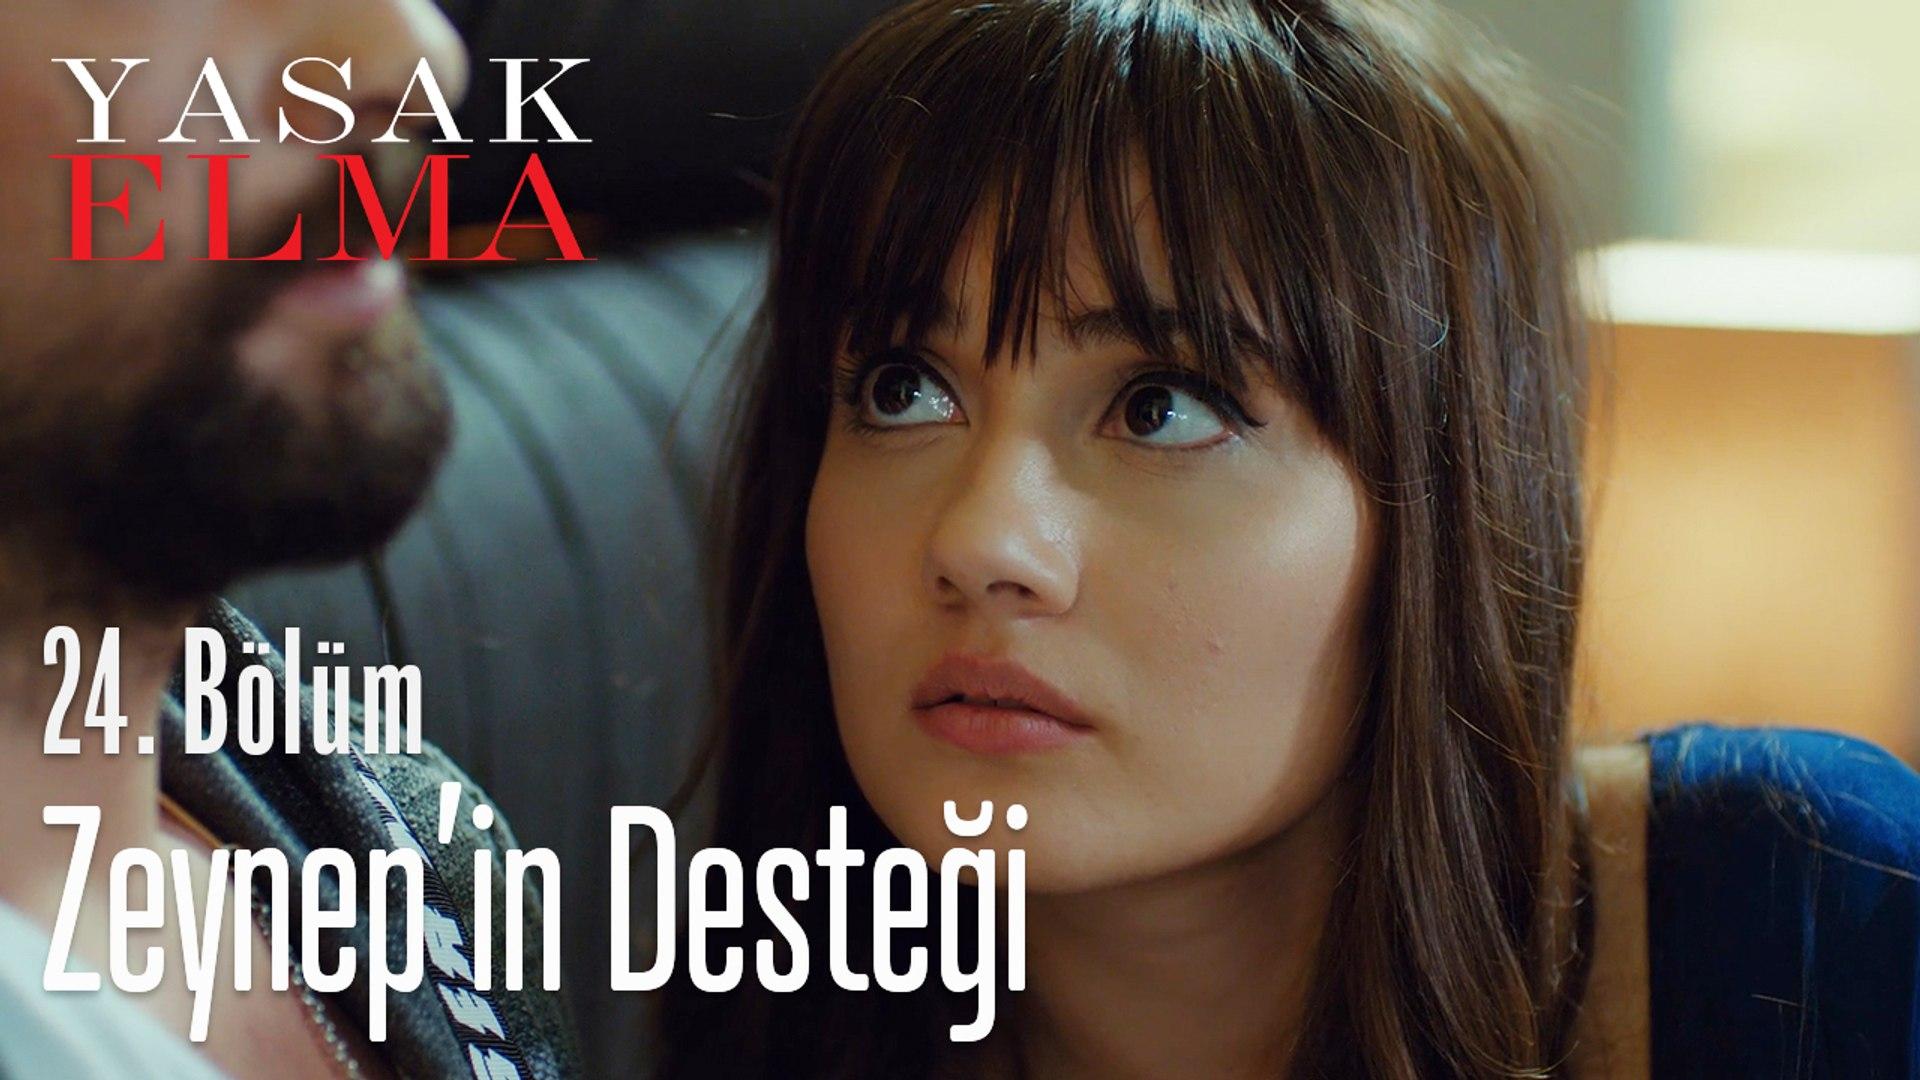 Zeynep Alihan'a destek oluyor - Yasak Elma 24. Bölüm